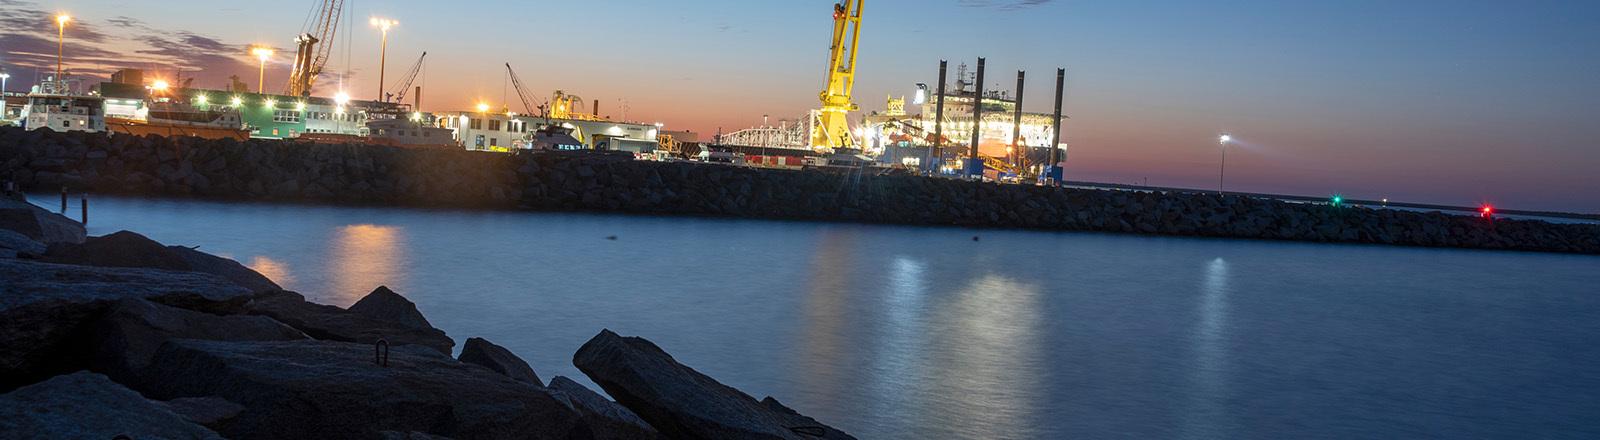 An Deck eines russischen Schiffes brennen nachts alle Lichter. Das Spezialschiff liegt im Hafen Mukran auf der Insel Rügen. Es soll die Rohre für die Gasleitung von Russland nach Deutschland verlegen (12.08.2020); Foto: dpa